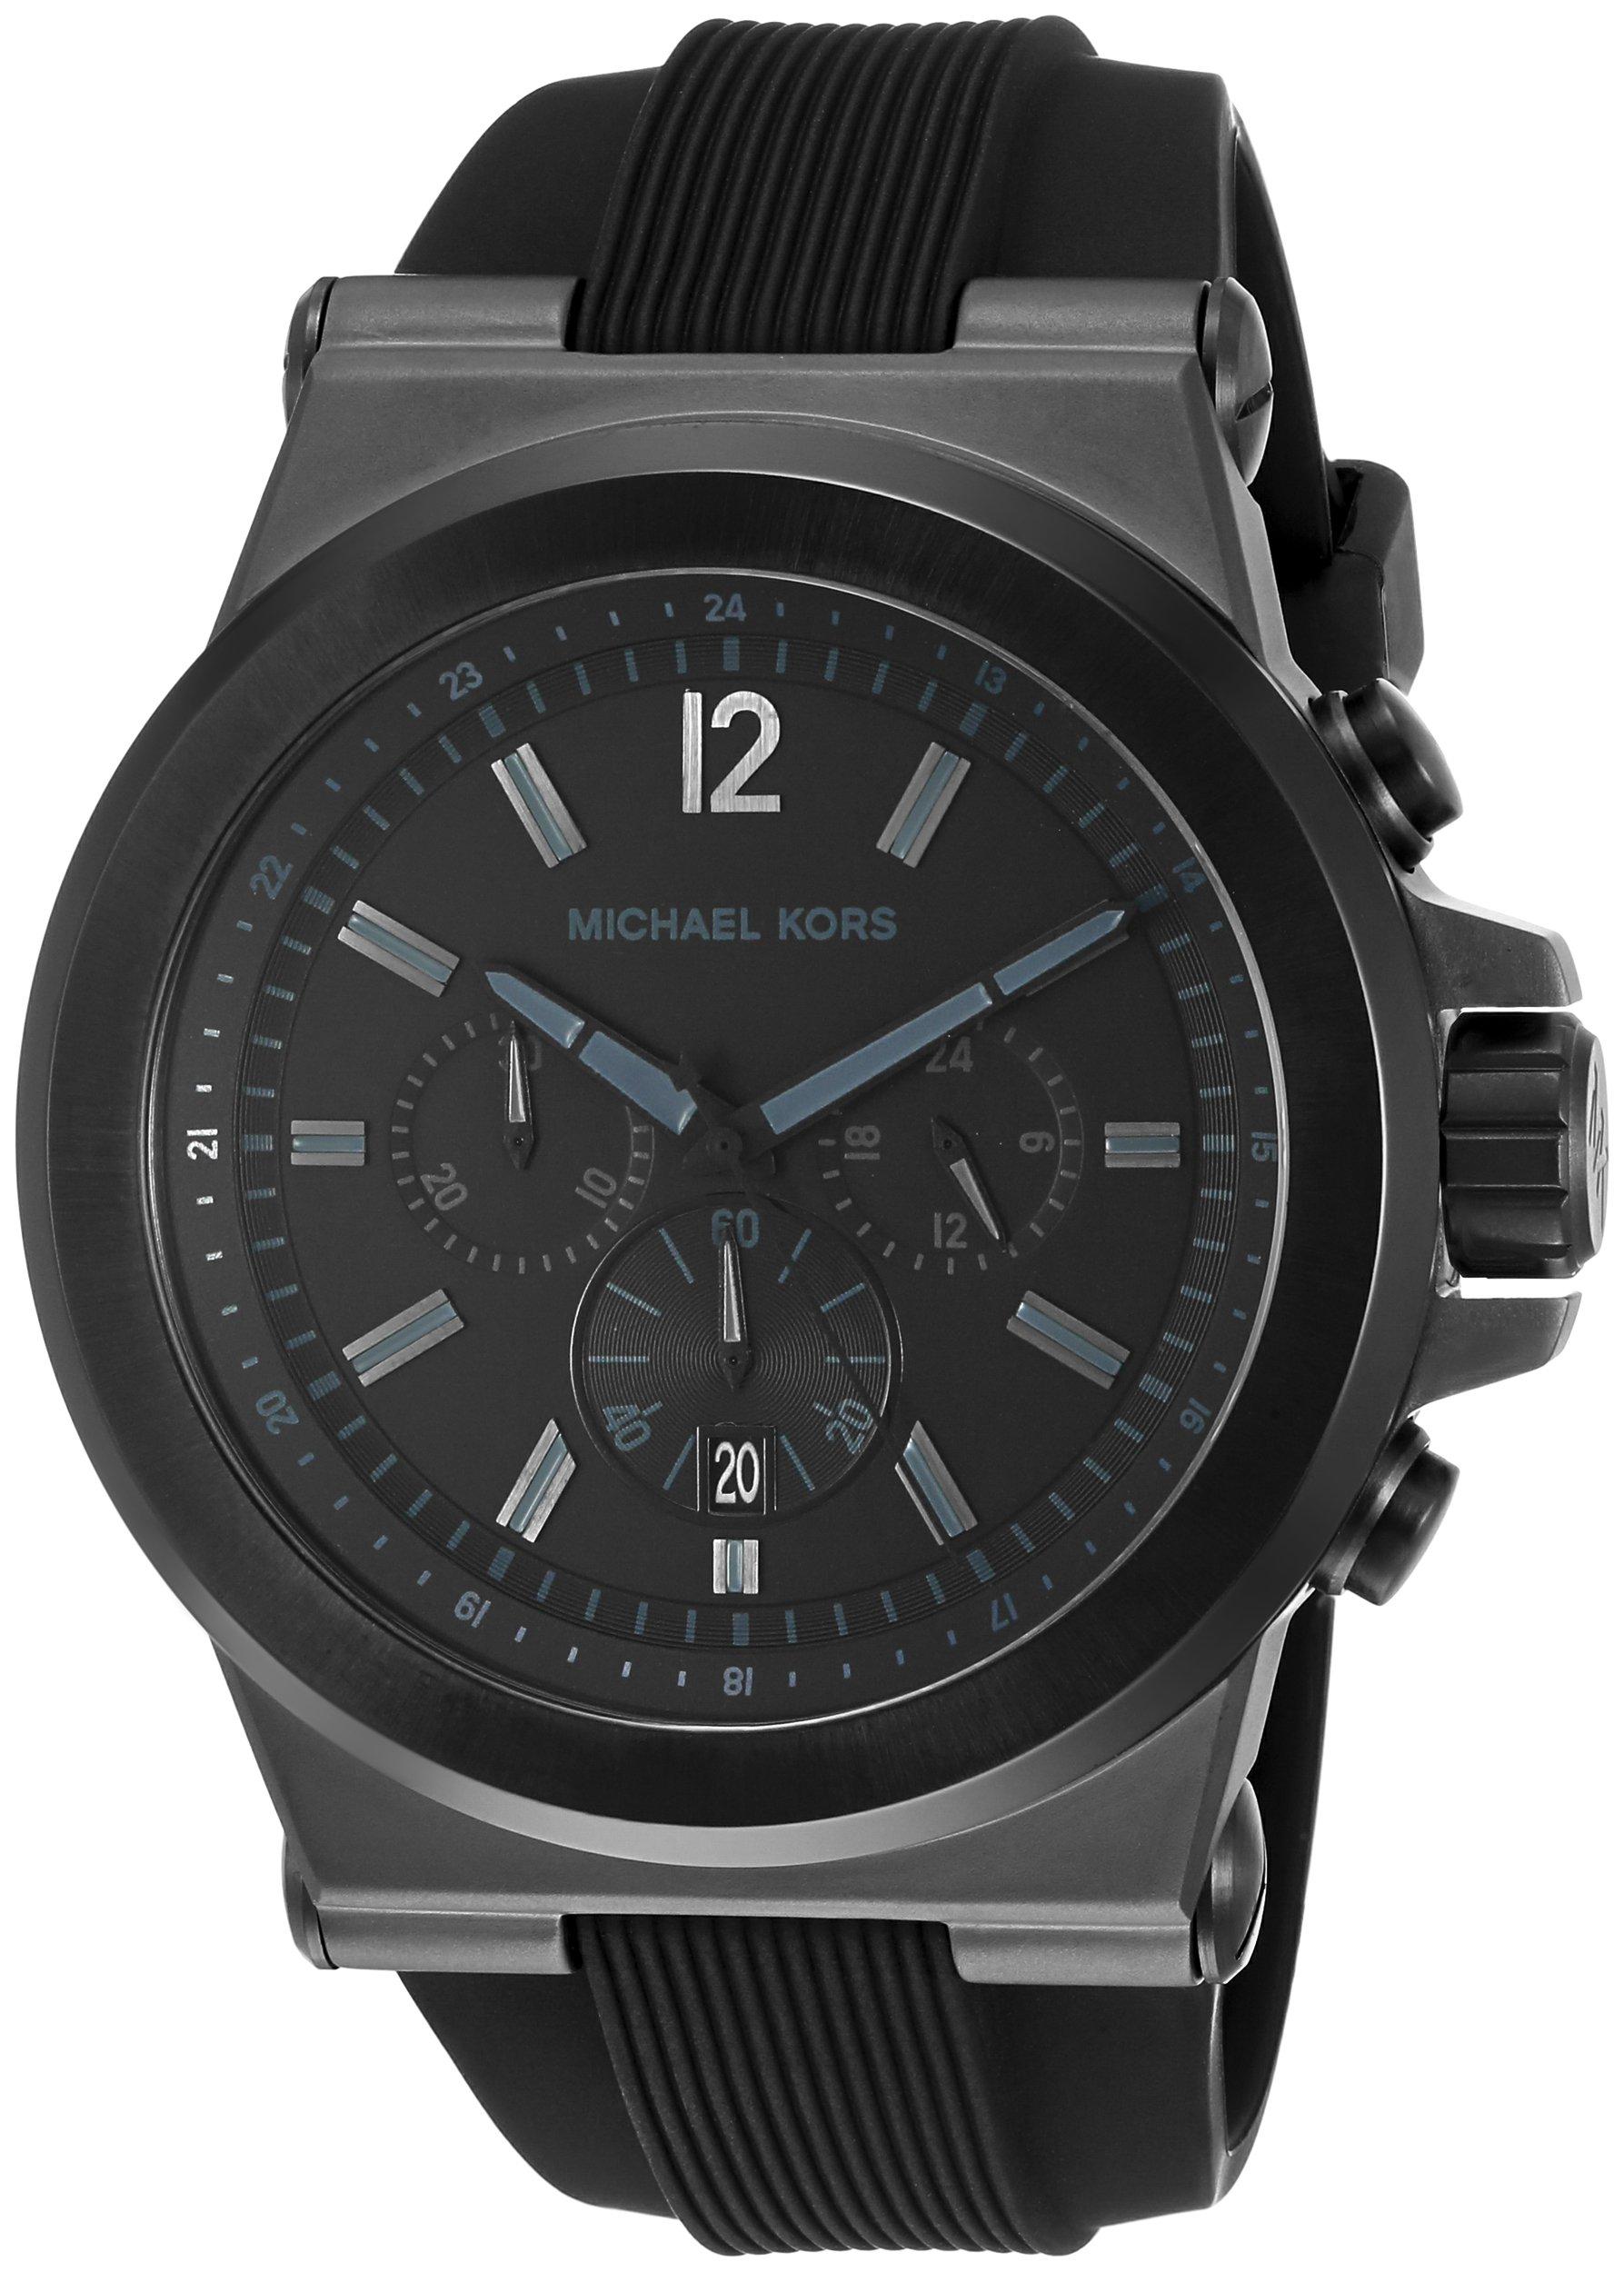 Đồng hồ chính hãng Michael Kors Watches Dylan Watch MK 8152